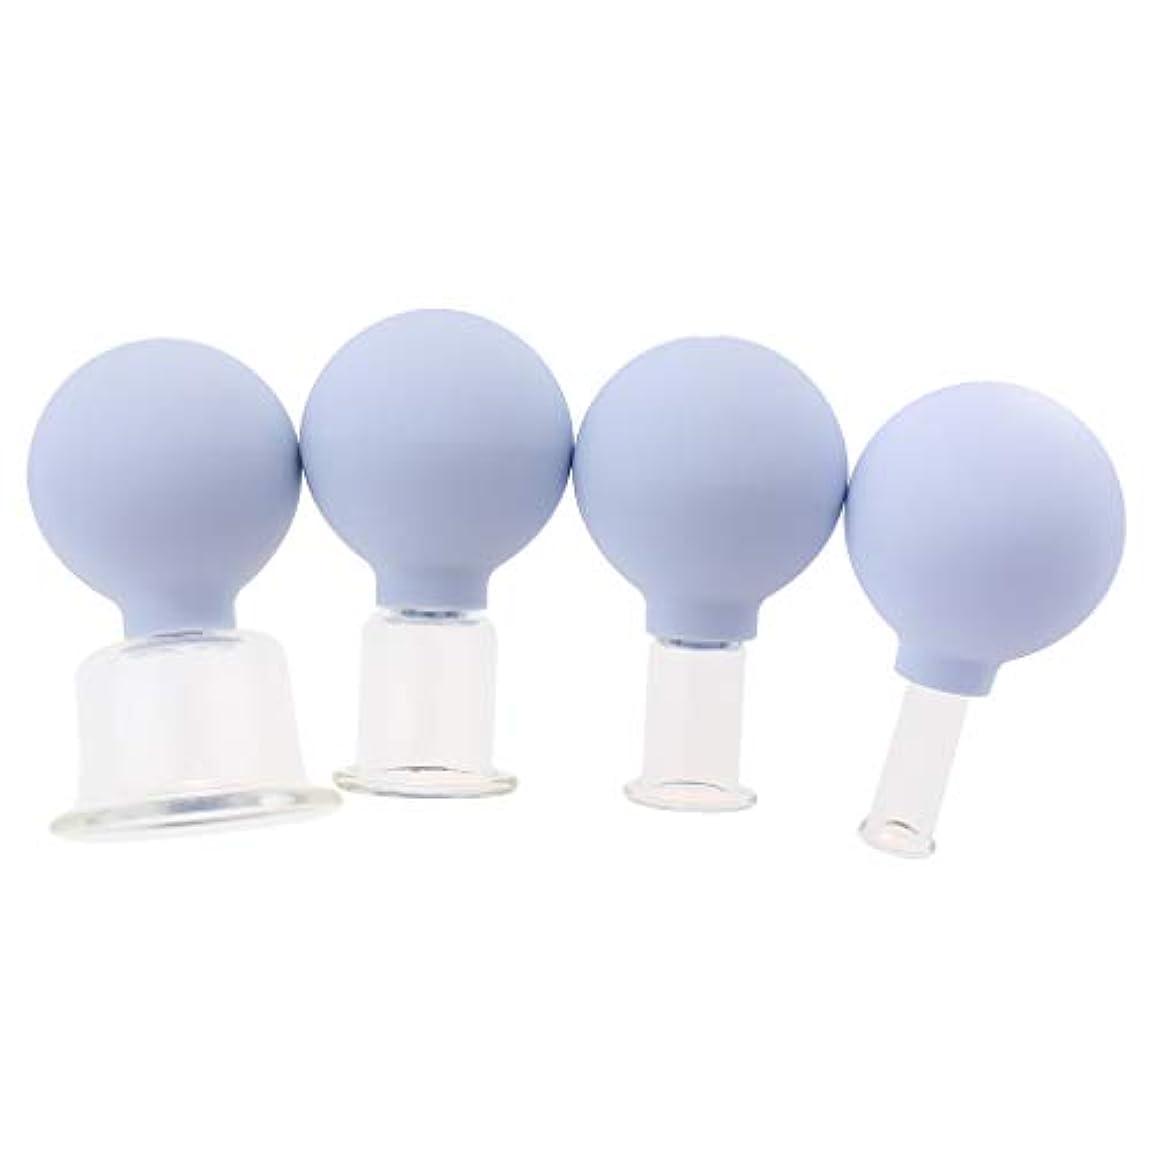 メガロポリス嬉しいです公園Fenteer ガラスカッピング マッサージ 吸い玉 真空 マッサージカップ 男女兼用 全身マッサージ用 4個 全3色 - 白